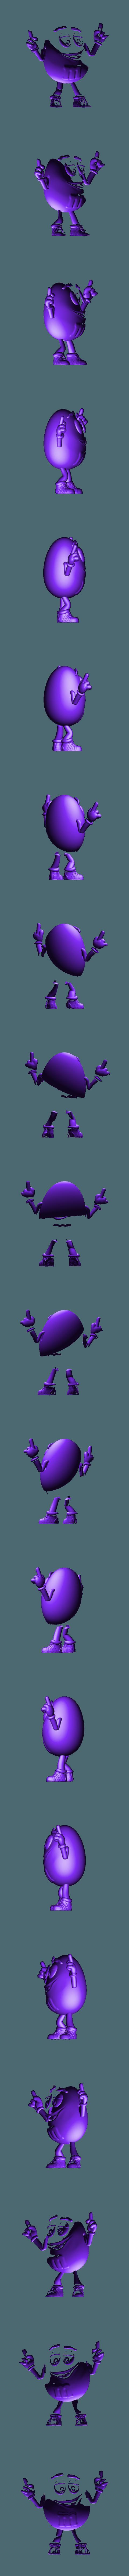 MM'S Jaune - Full.stl Télécharger fichier STL gratuit Jaune - MM's • Design pour impression 3D, BODY3D